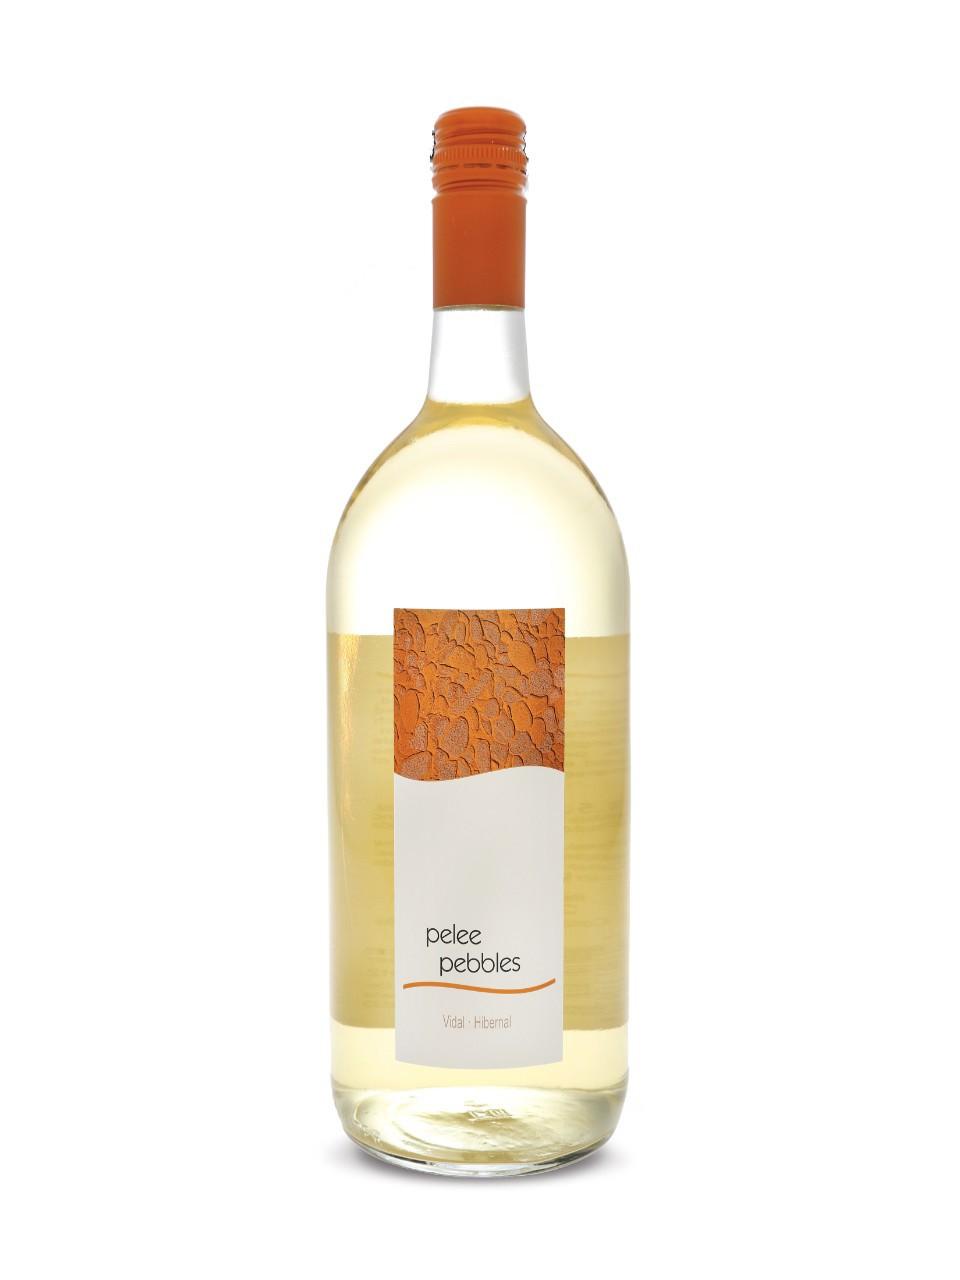 Pelee pebbles vidal hibernal lcbo for Fruity pebbles alcoholic drink